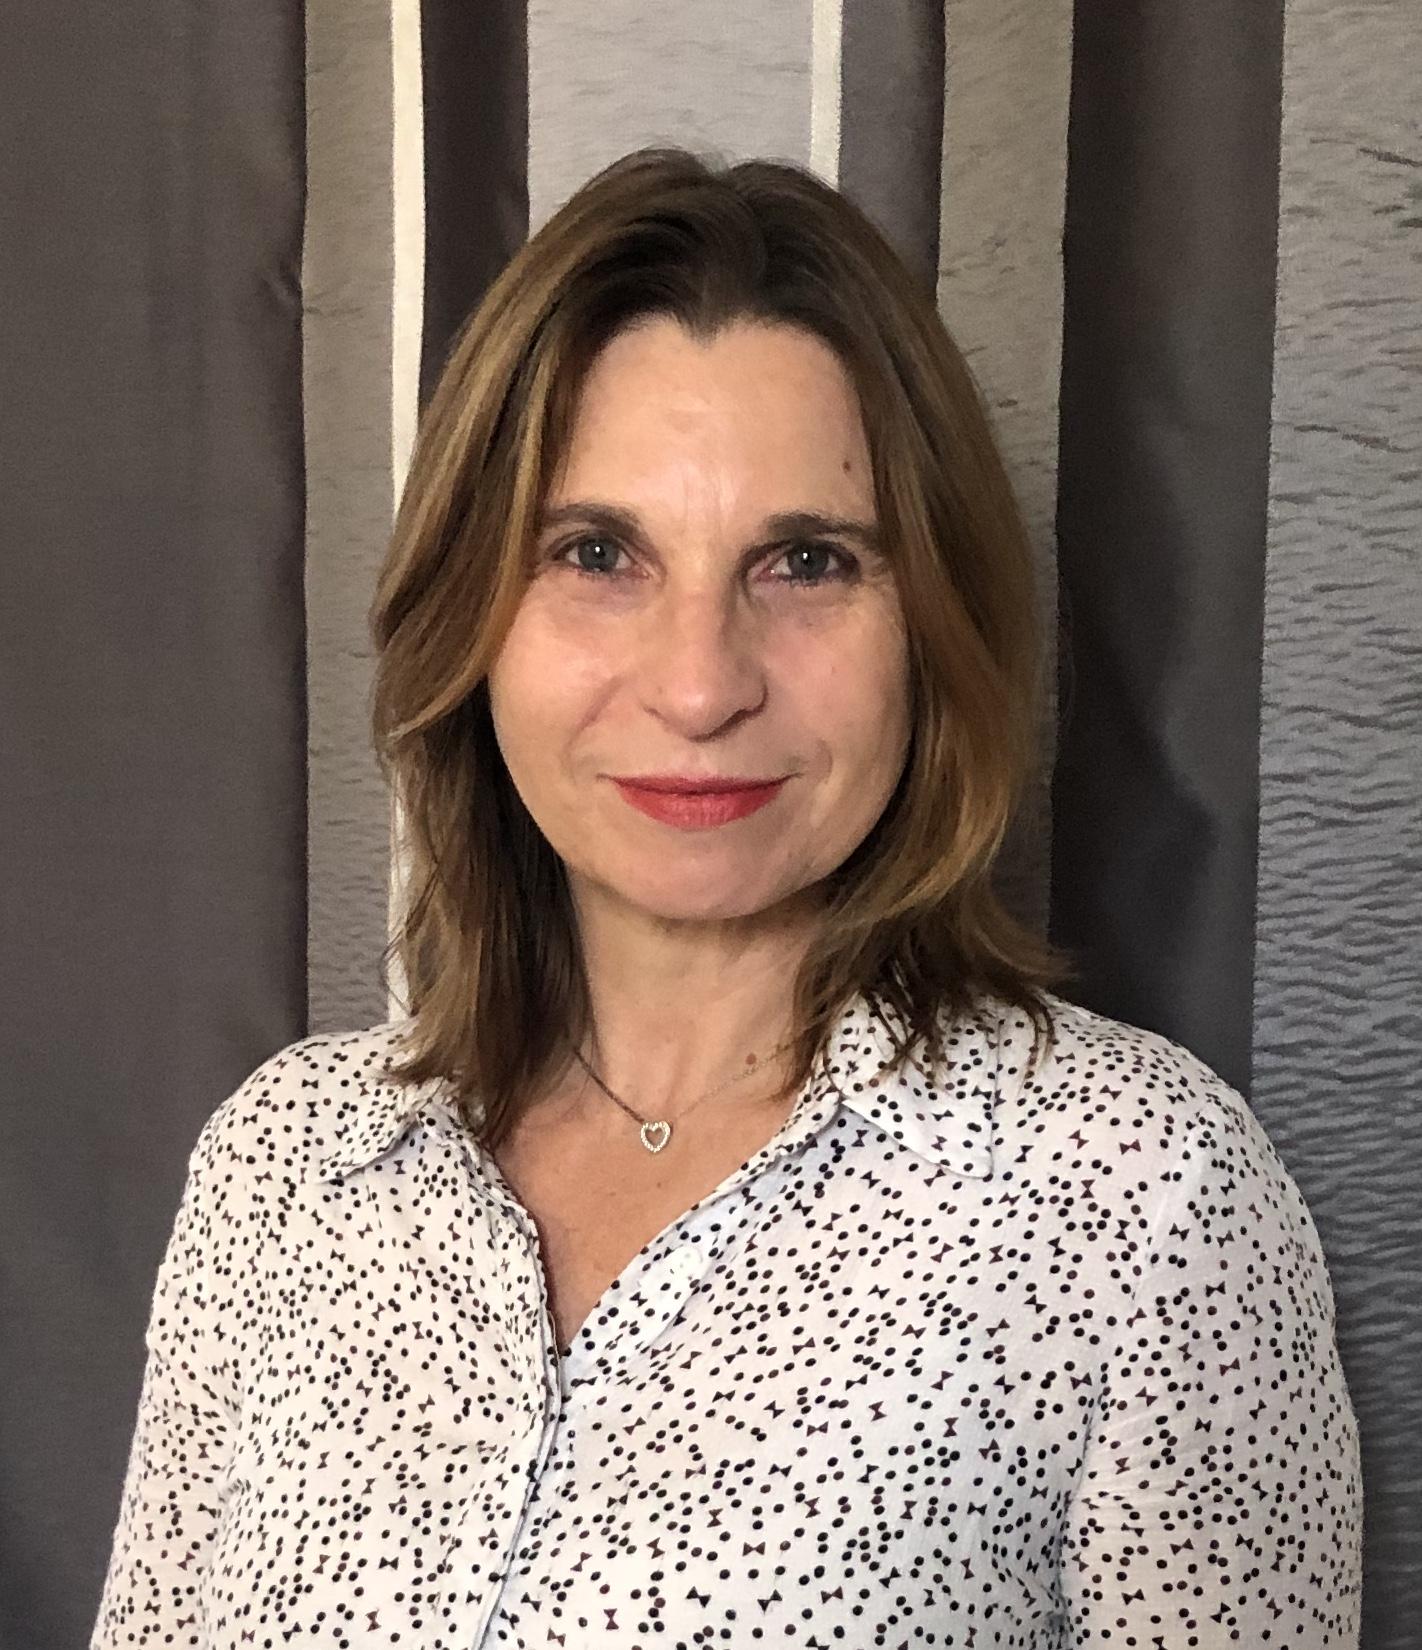 Valérie Pouliquen